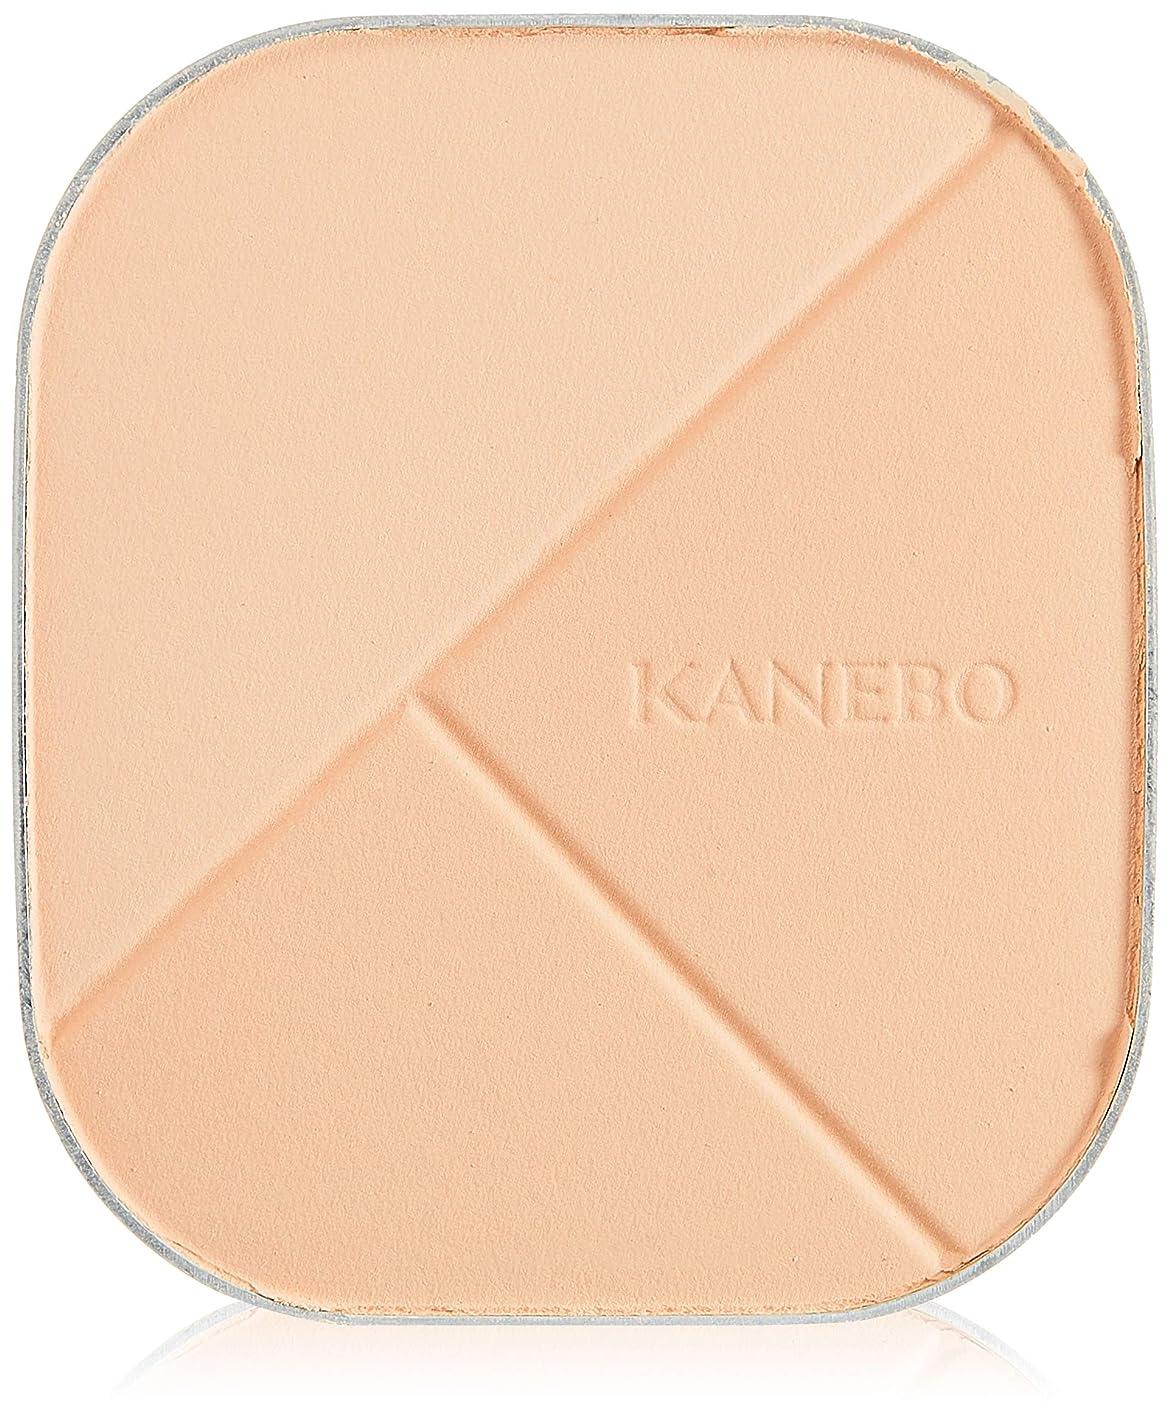 適度に美的差別化するKANEBO(カネボウ) カネボウ デュアルラディアンスファンデーション オークルC SPF15/PA++ ファンデーション(パクト)